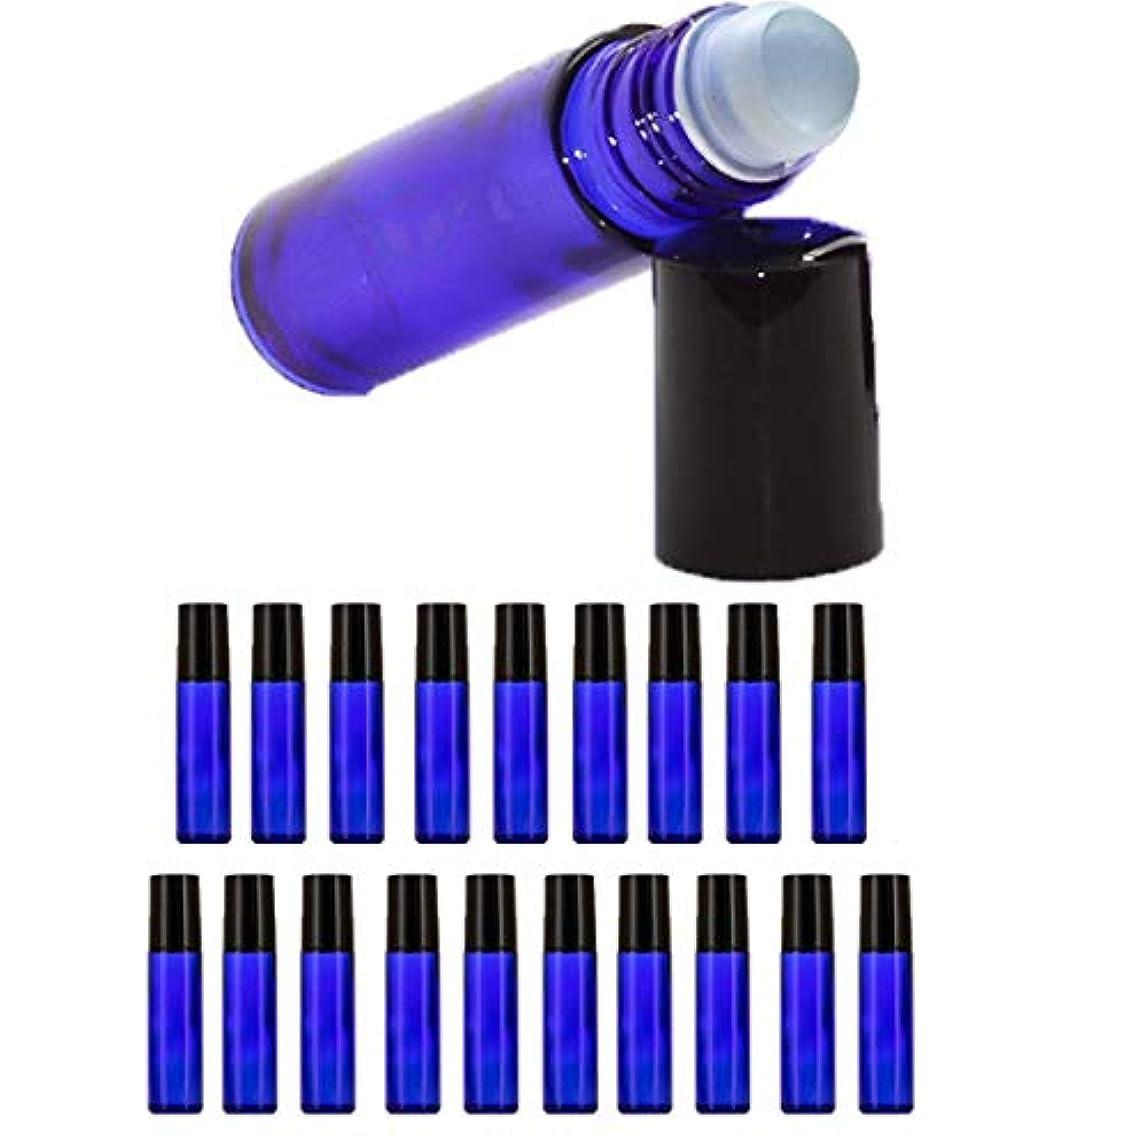 一節牛肉雇った20個セット 遮光瓶 小分け ガラスボトルロールオンボトル 詰め替え 容器 エッセンシャルオイル 遮光ビン